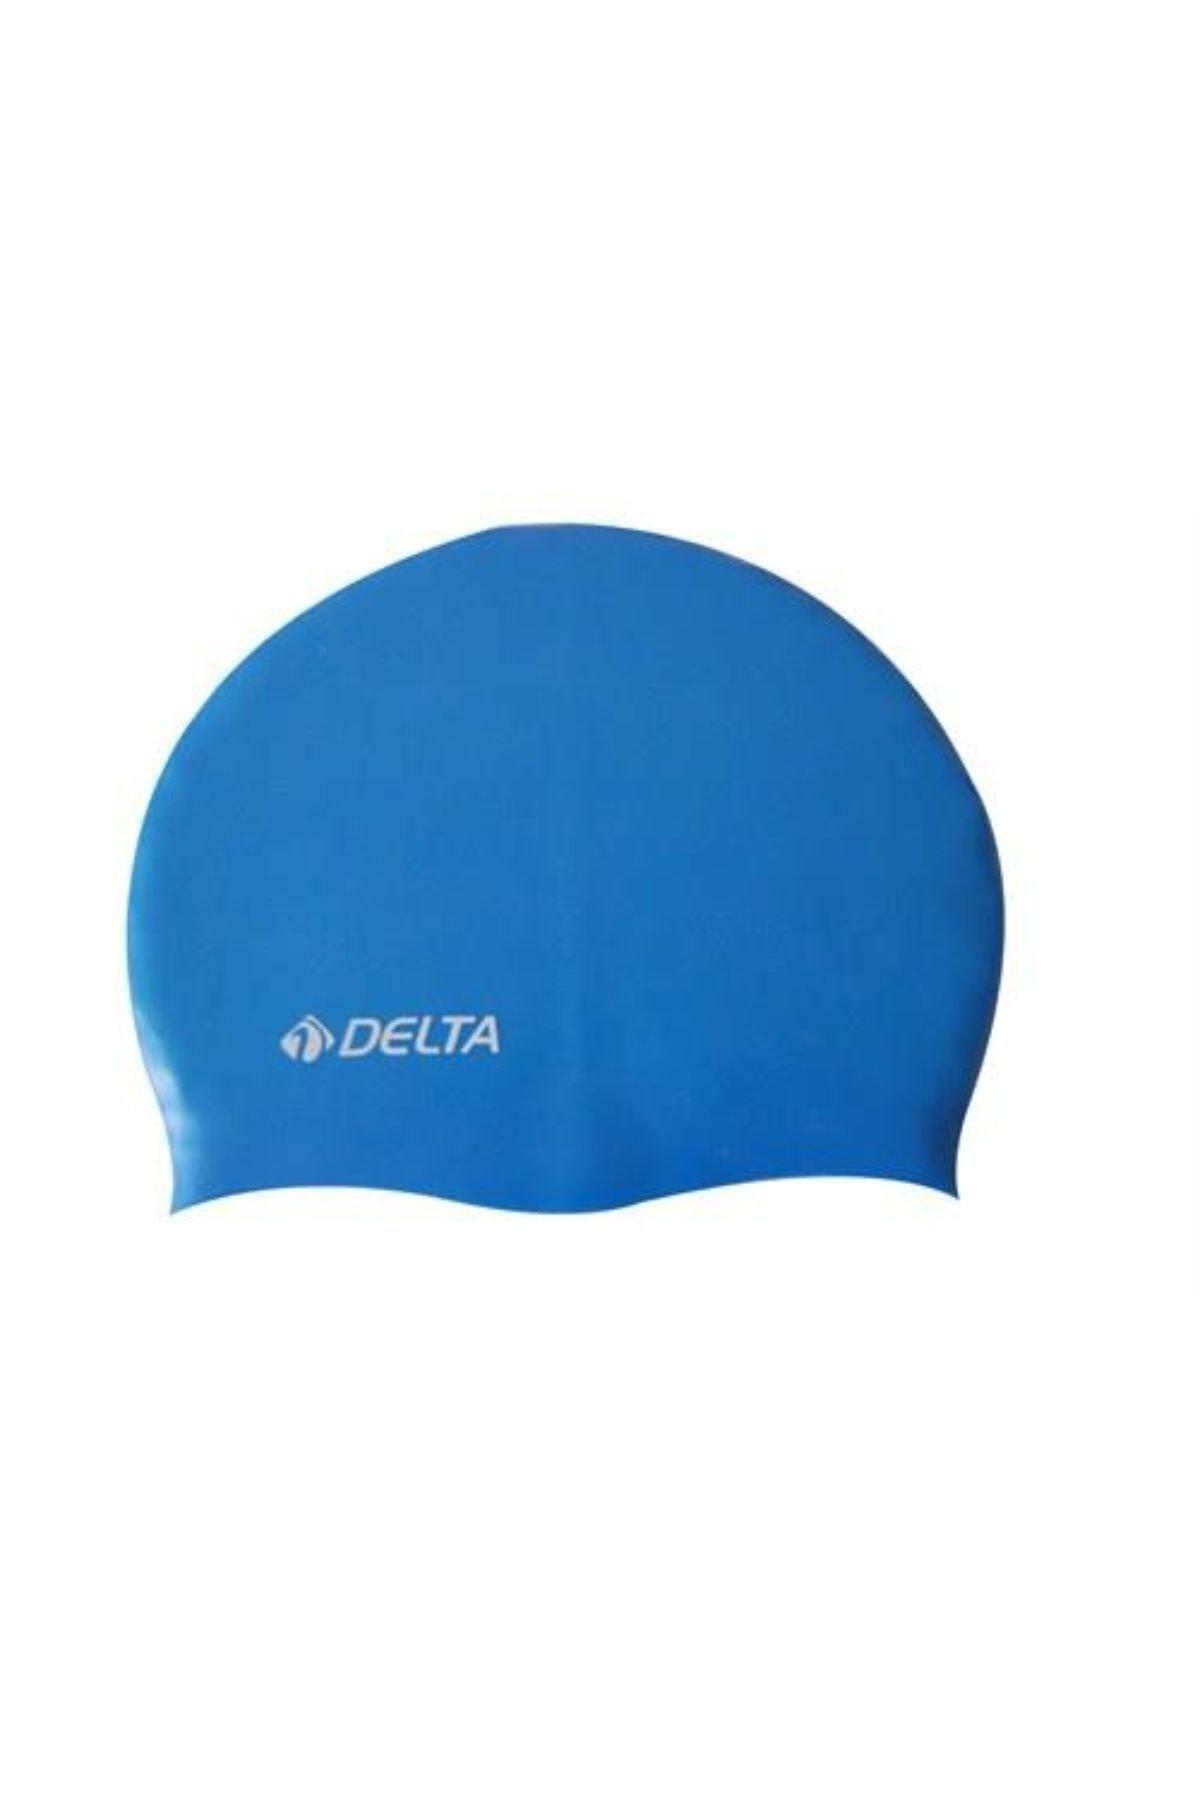 Delta Silikon Bone 10 Adet Yüzücü Havuz Deniz Bonesi (Düz Renk) 1